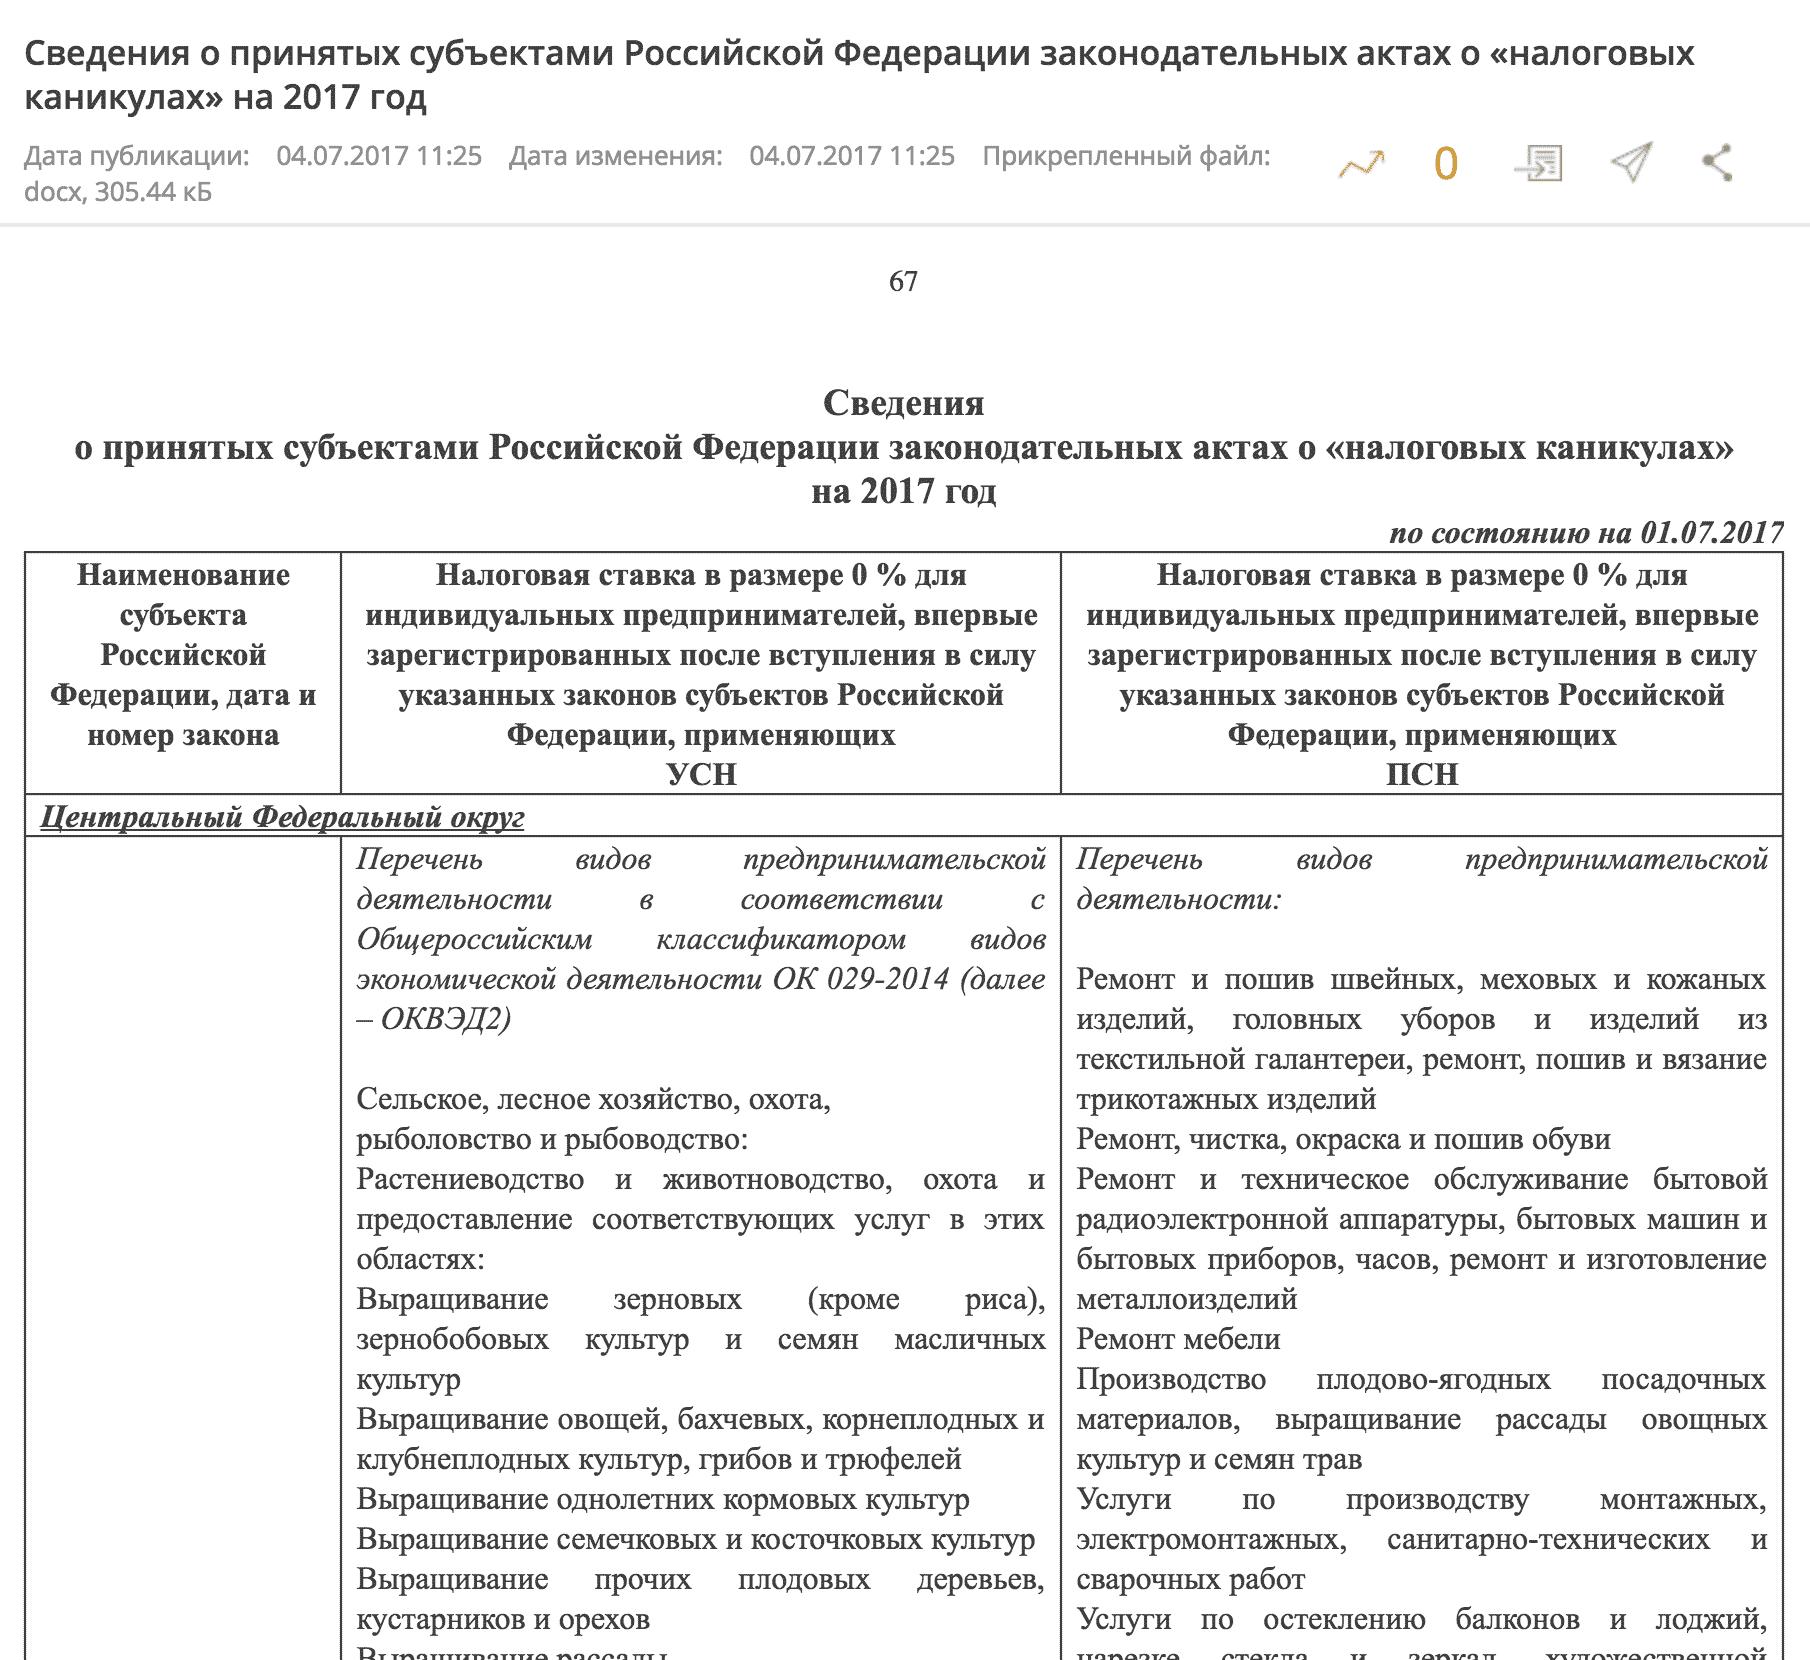 Субъекты РФ самостоятельно вводят налоговые каникулы для отдельных категорий